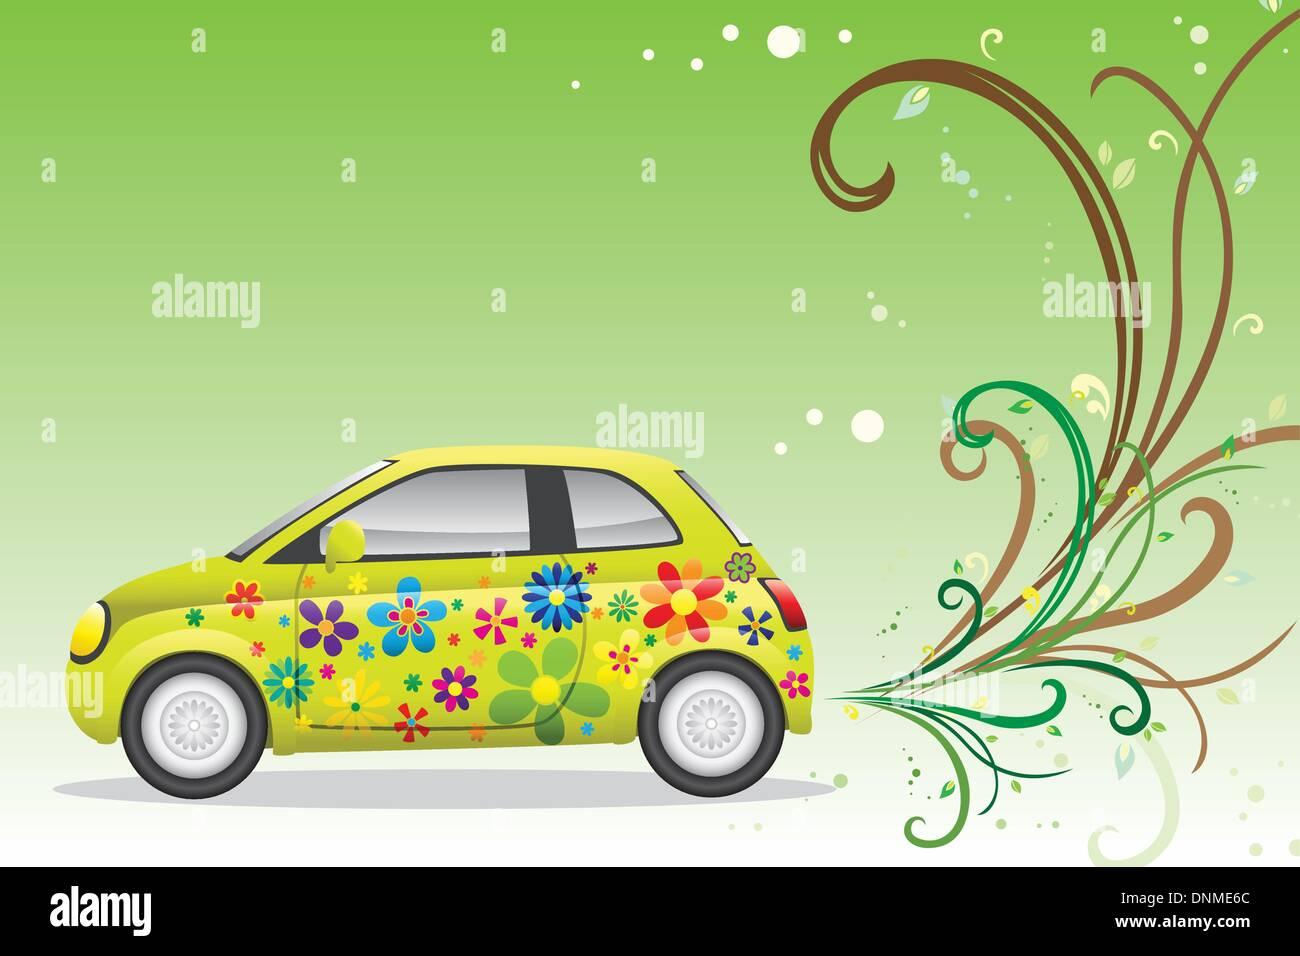 Eine Vektor-Illustration eines grünen Autos für Umwelt-freundlich-Konzept Stockbild